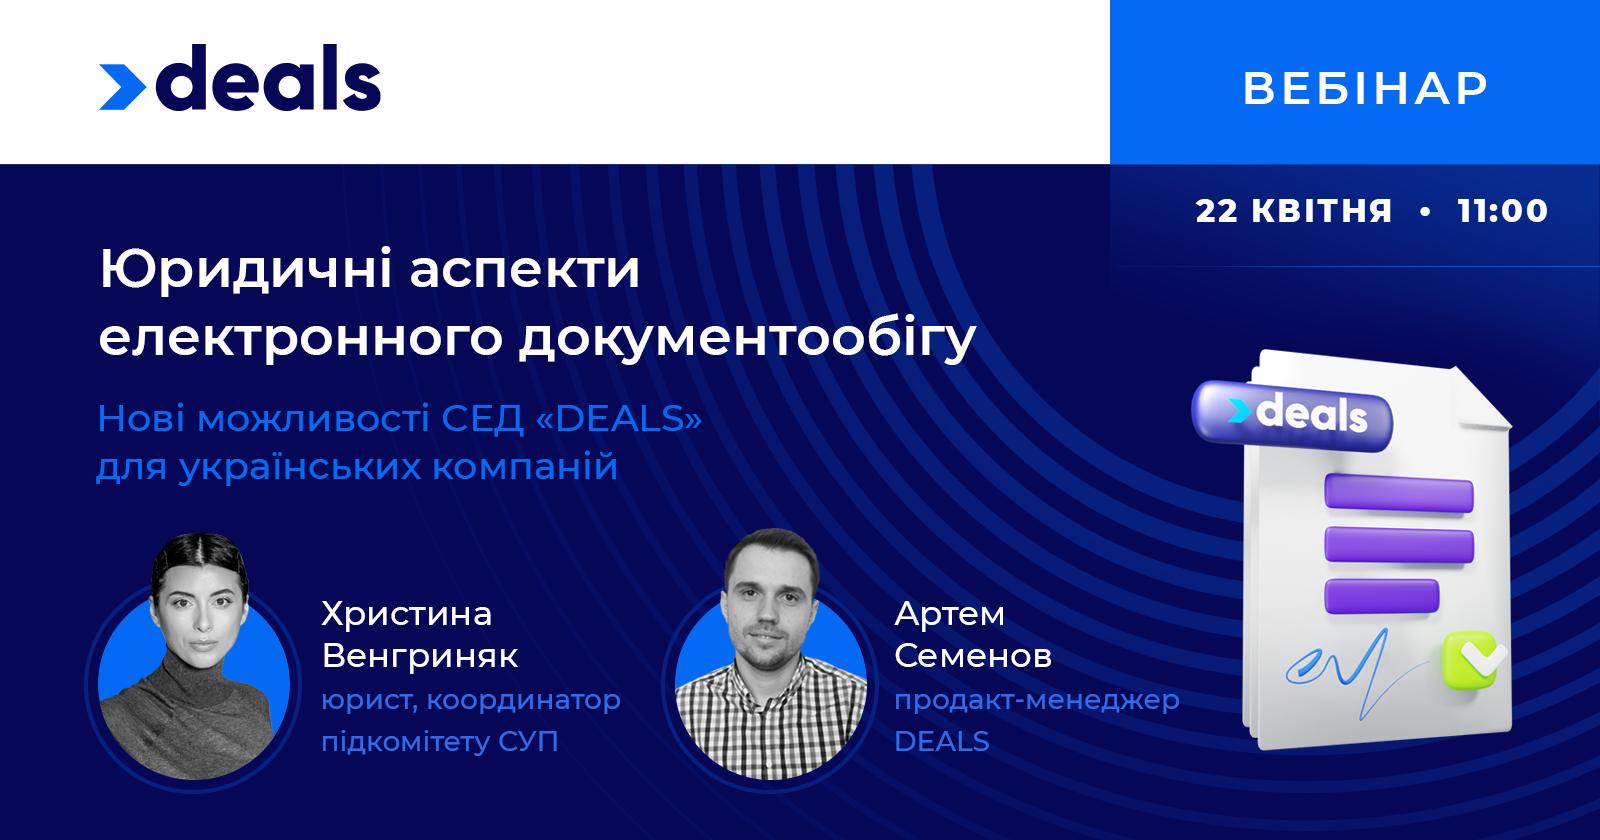 Юридичні аспекти електронного документообігу. Нові можливості СЕД Deals для українських компаній